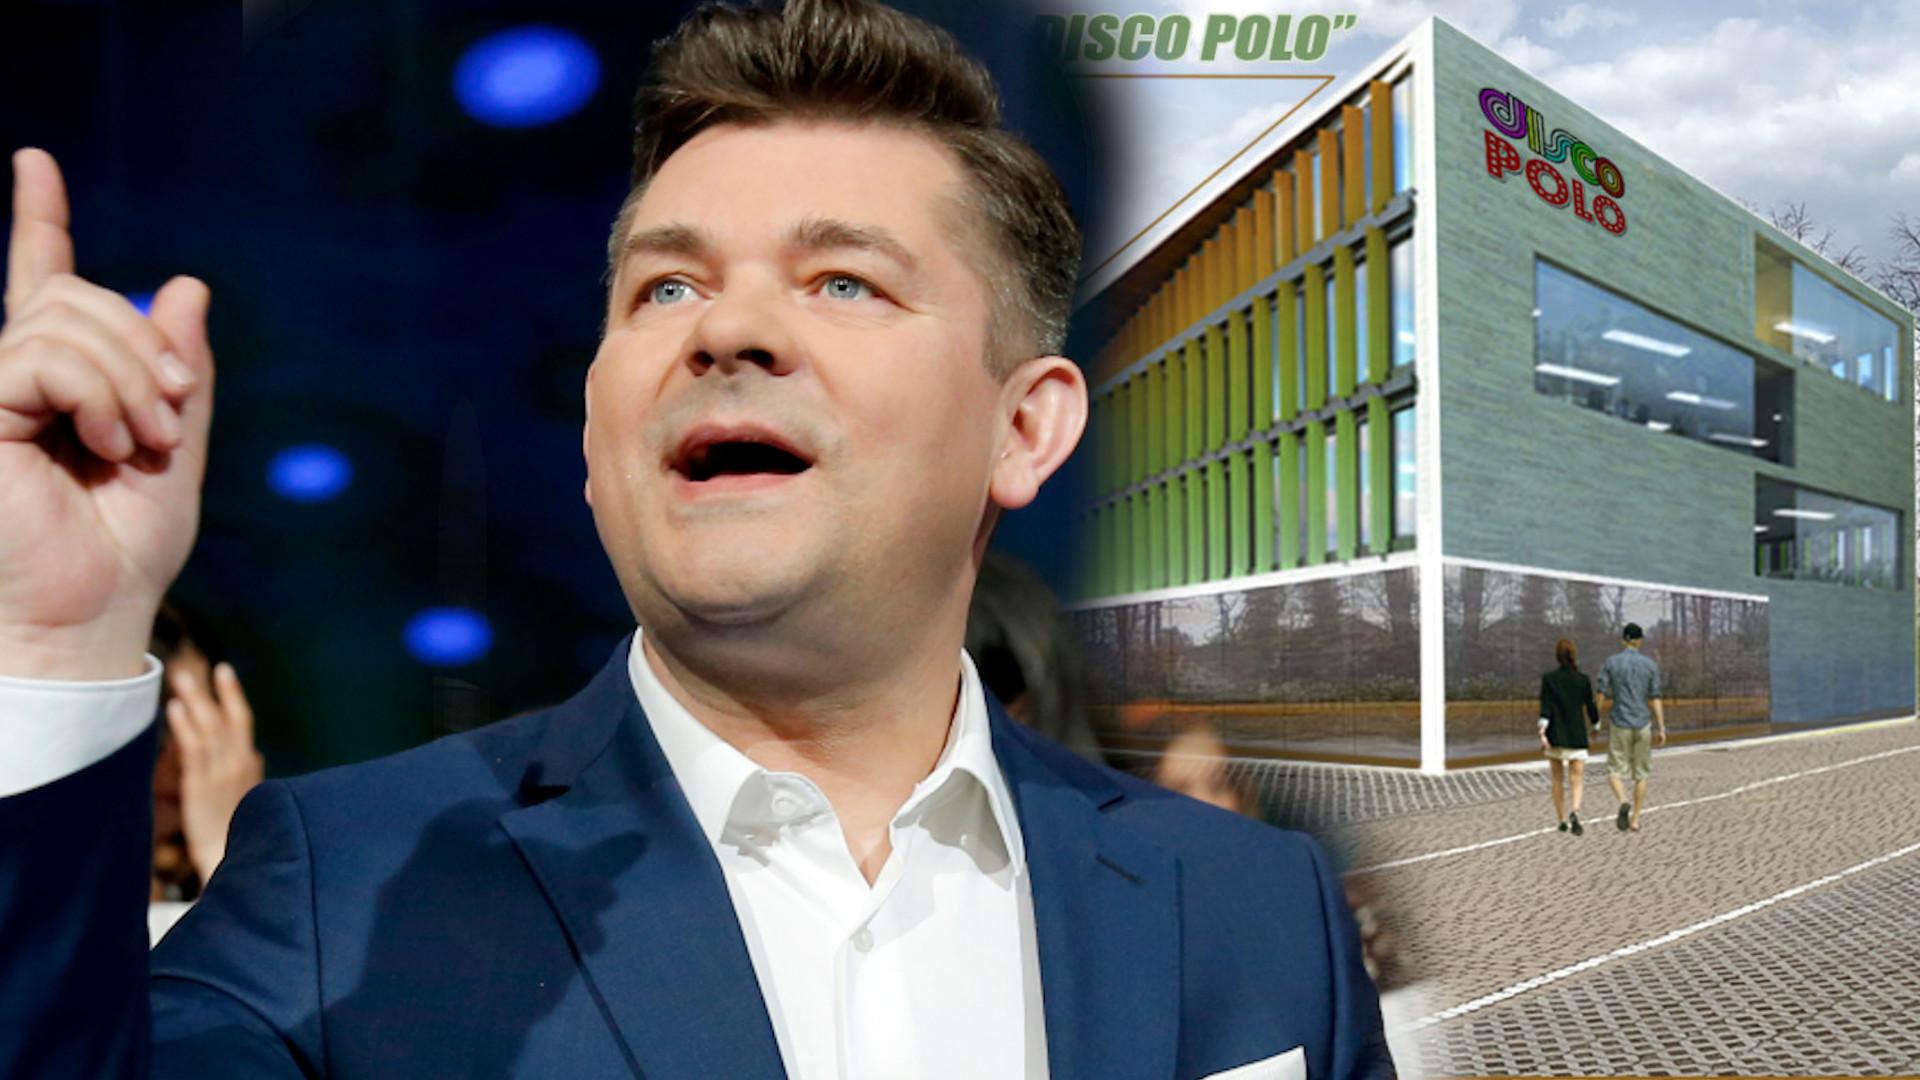 Powstanie Muzeum Disco-Polo. Pierwsza taka inwestycja w Polsce